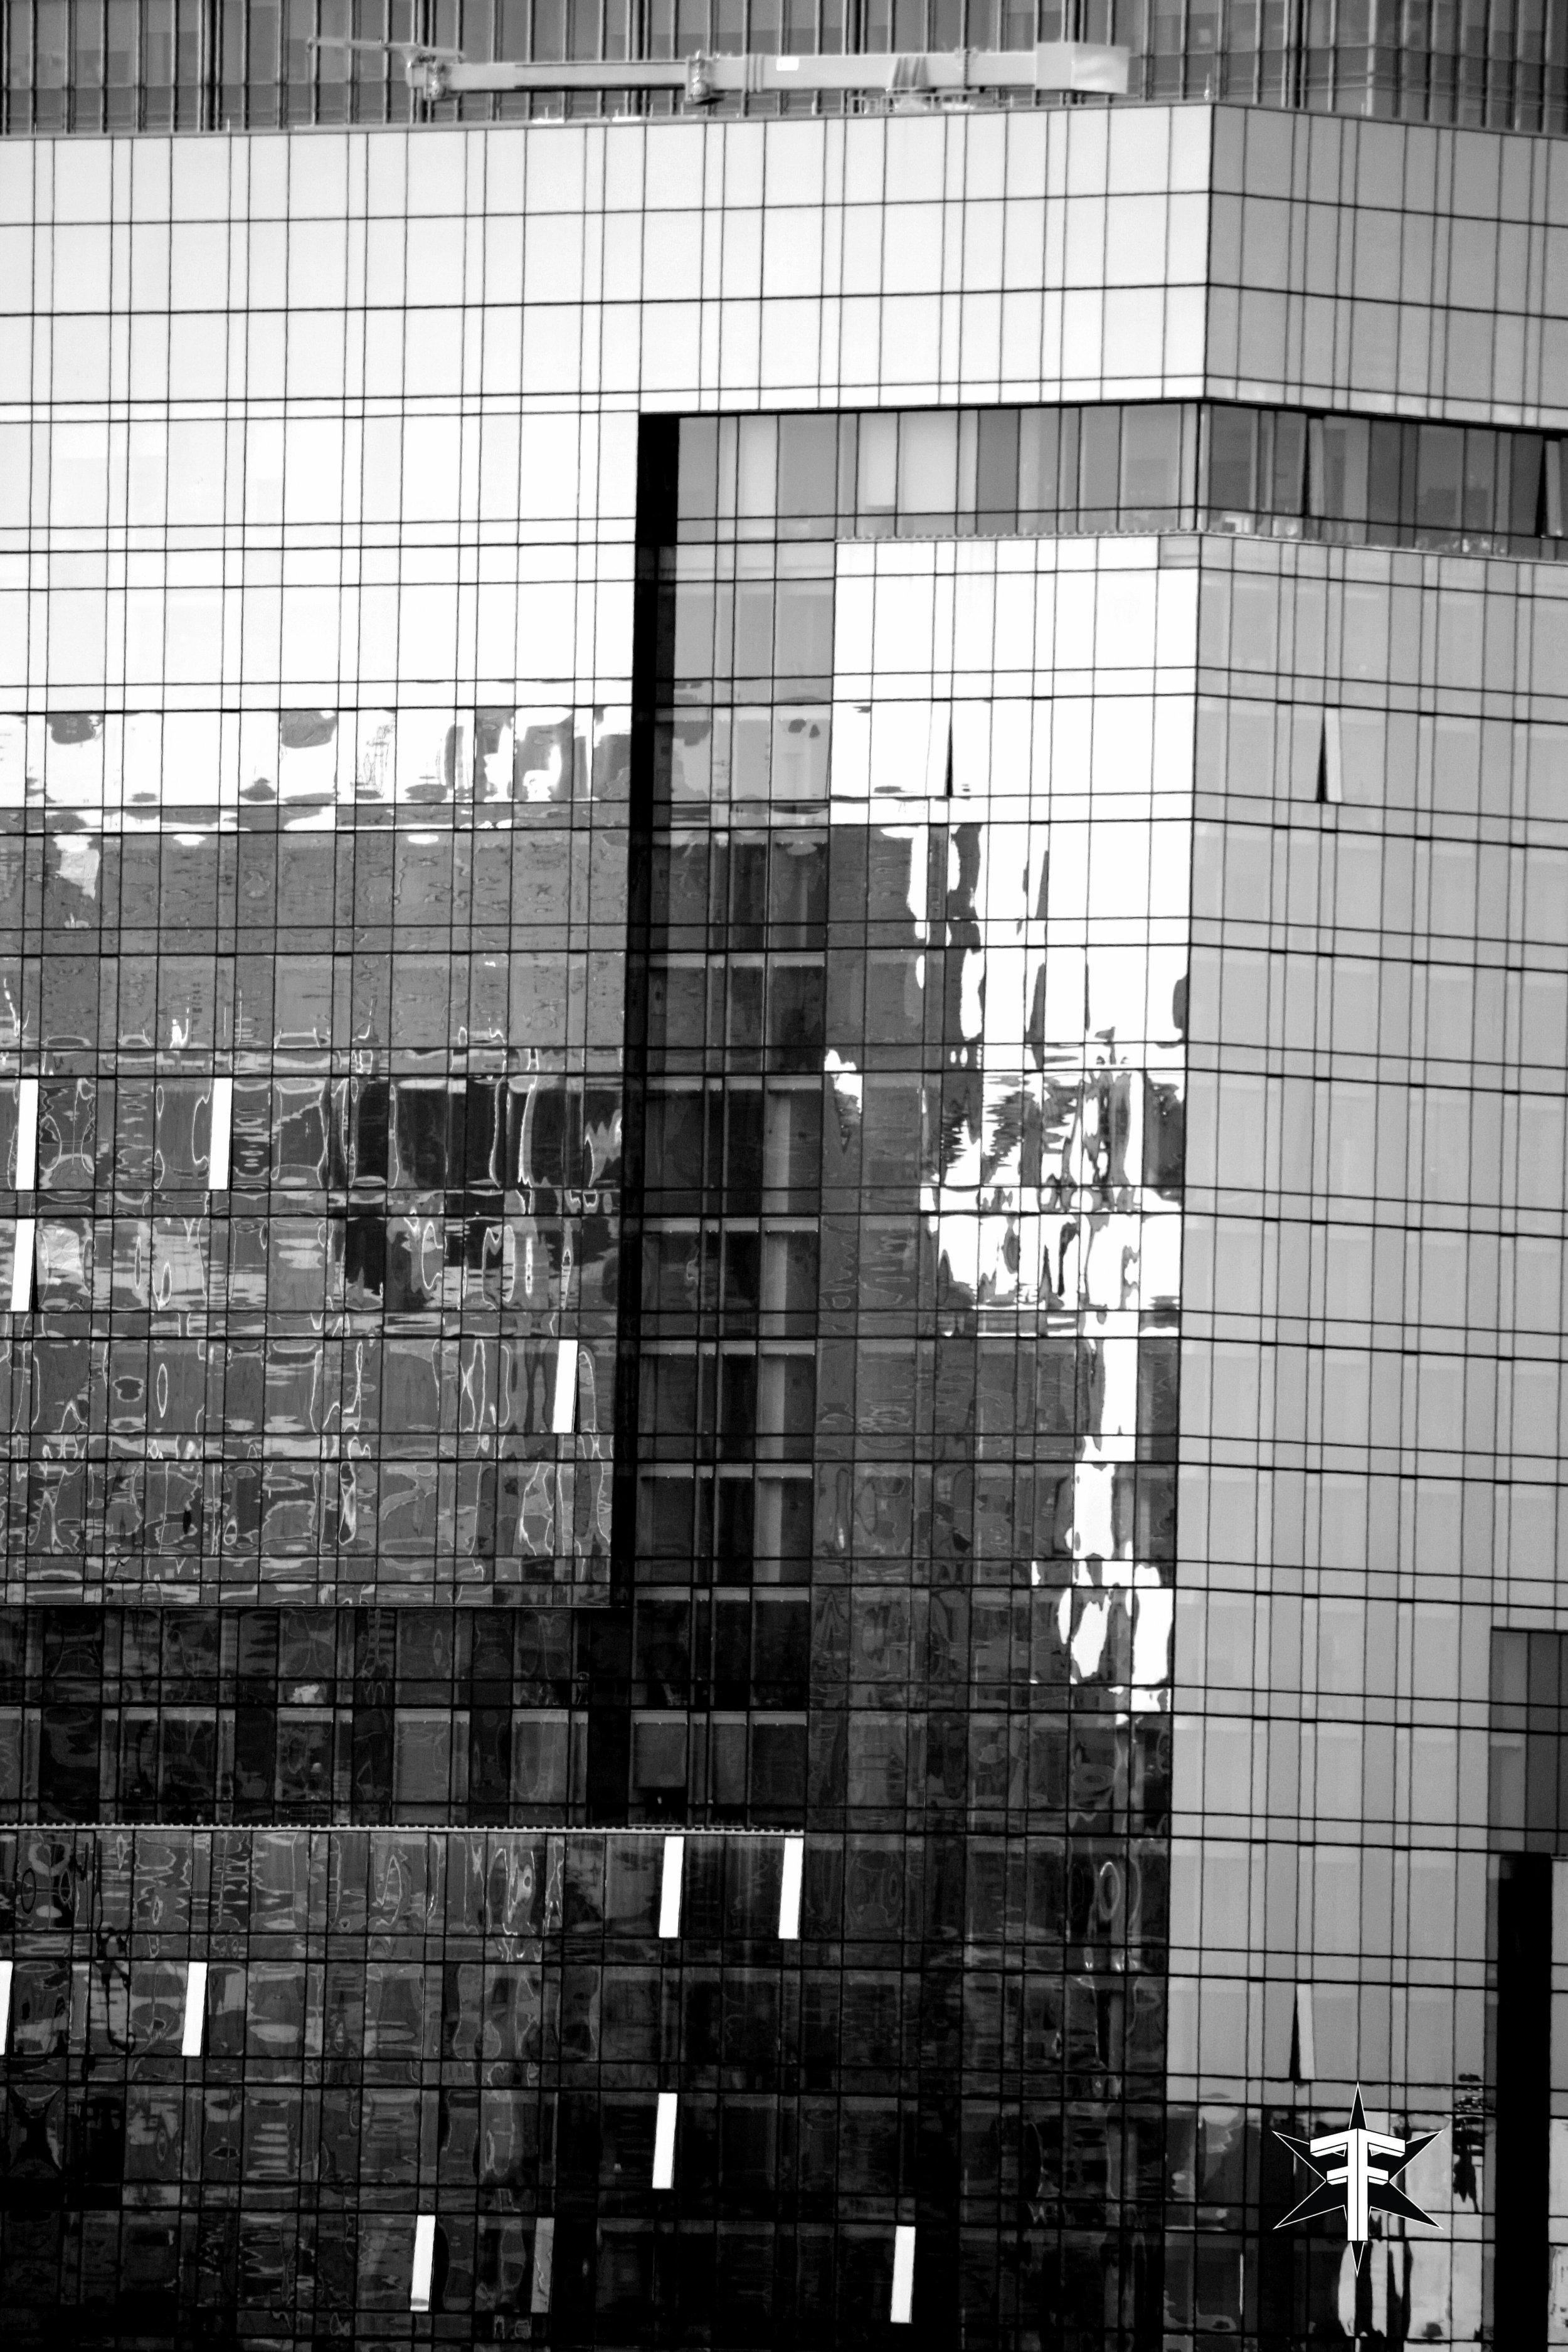 chicago architecture eric formato photography design arquitectura architettura buildings skyscraper skyscrapers-60.jpg